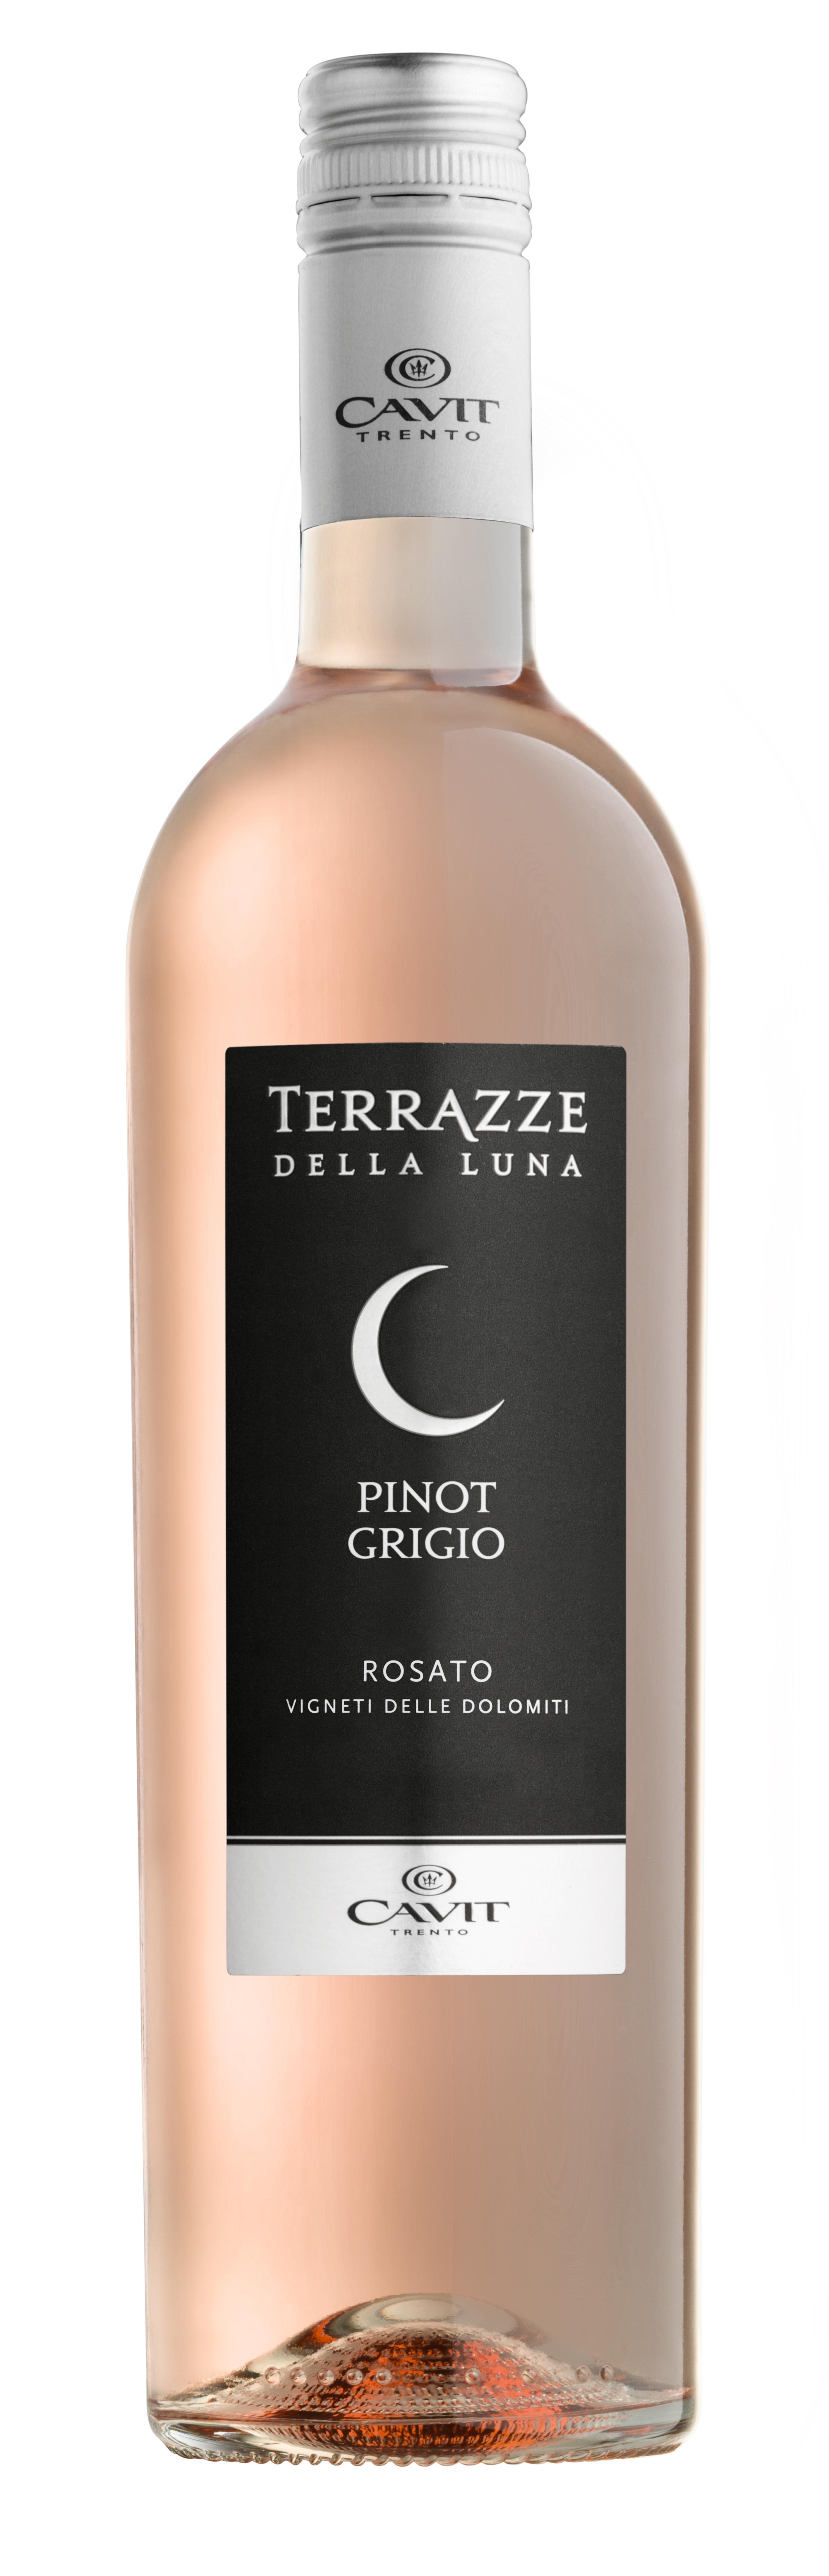 Terrazze della Luna Pinot Grigio Rosato - Boutinot